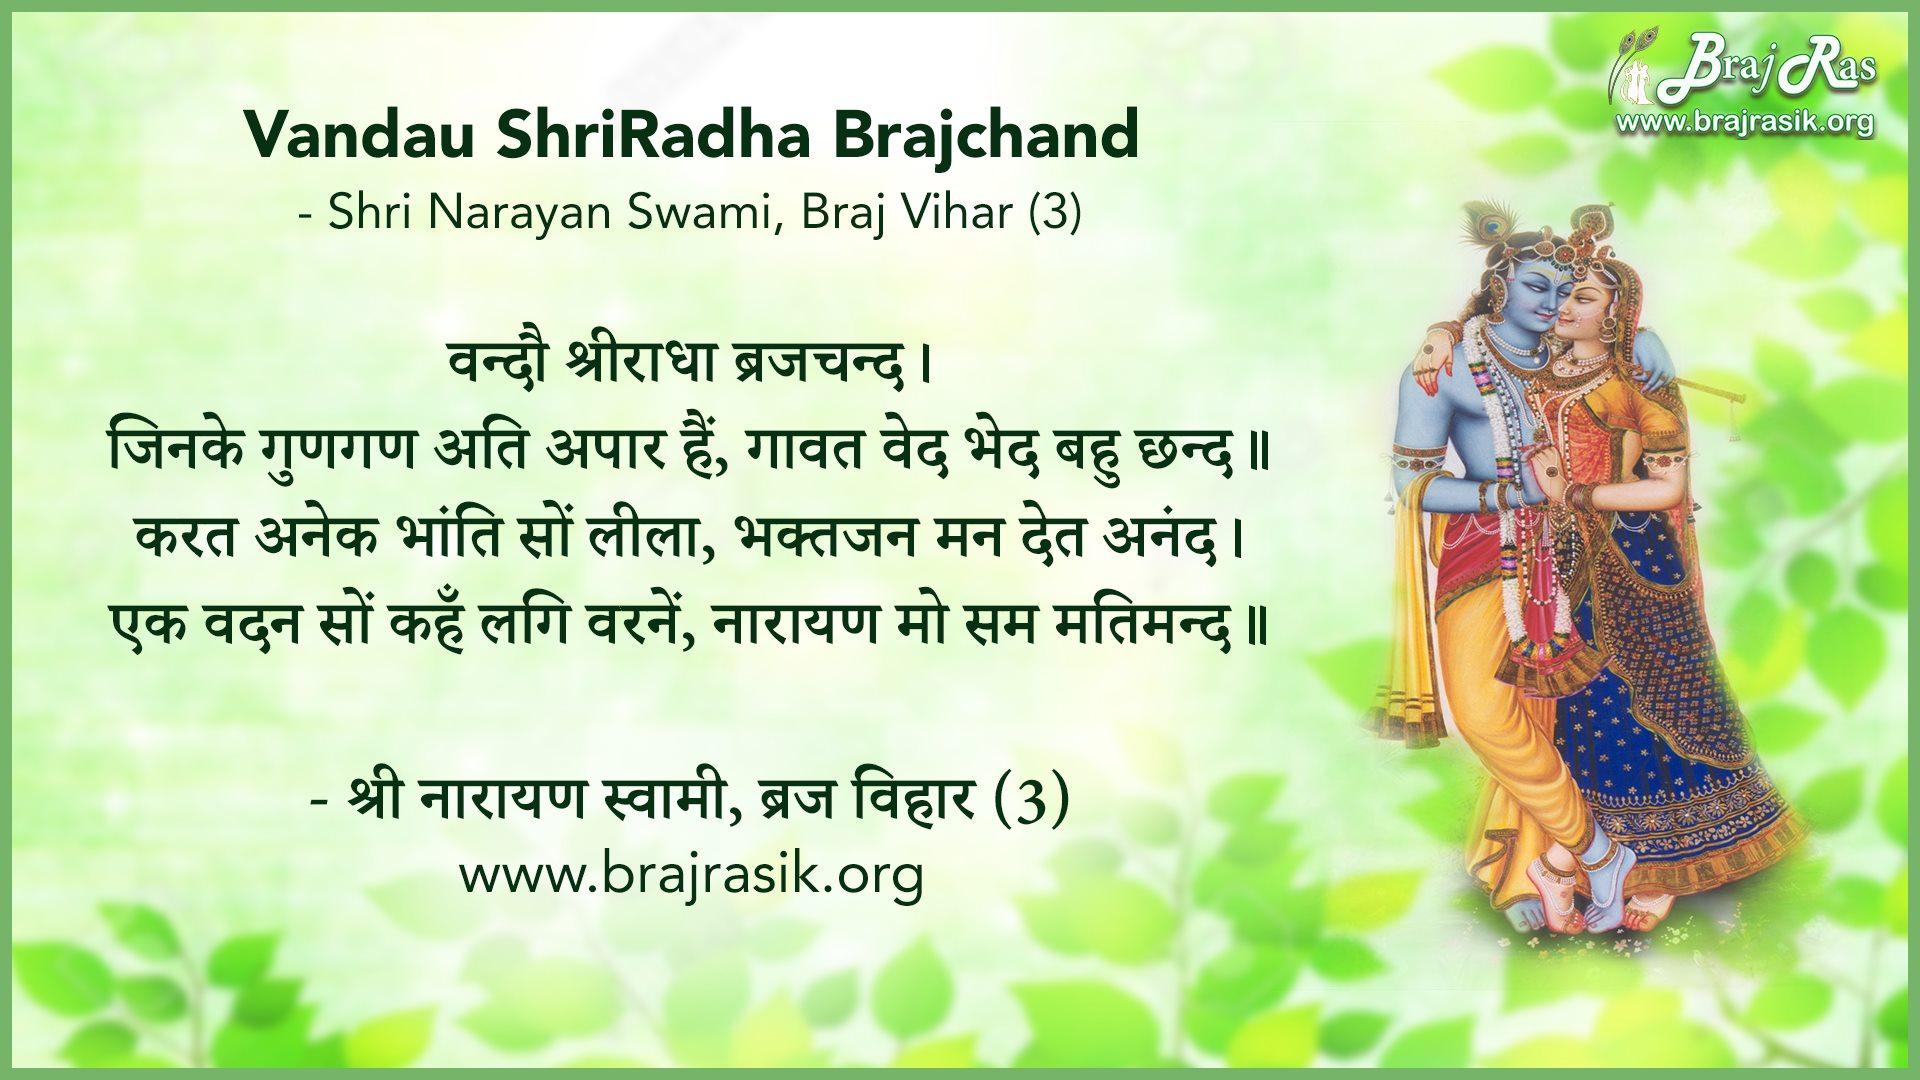 Vandau ShriRadha Brajchand - Shri Narayan Swami, Braj Vihar (3)